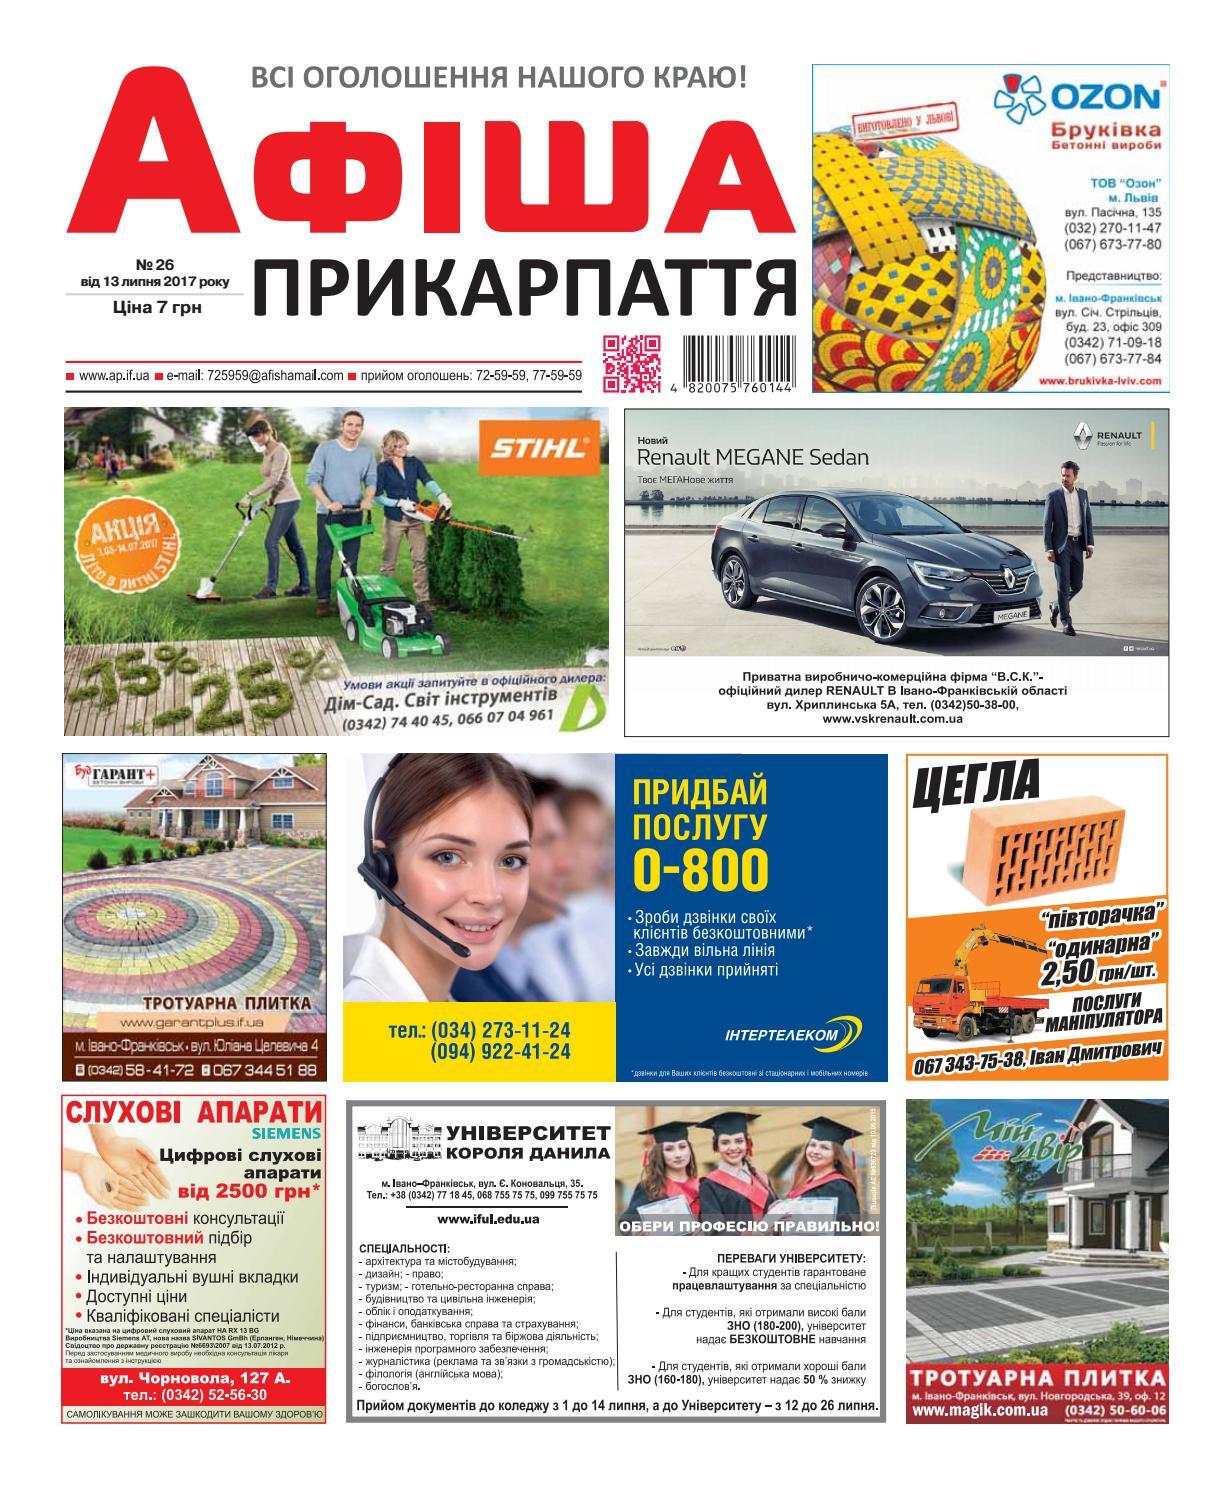 Афіша Прикарпаття 26 by Olya Olya - issuu 5e2126aaded65